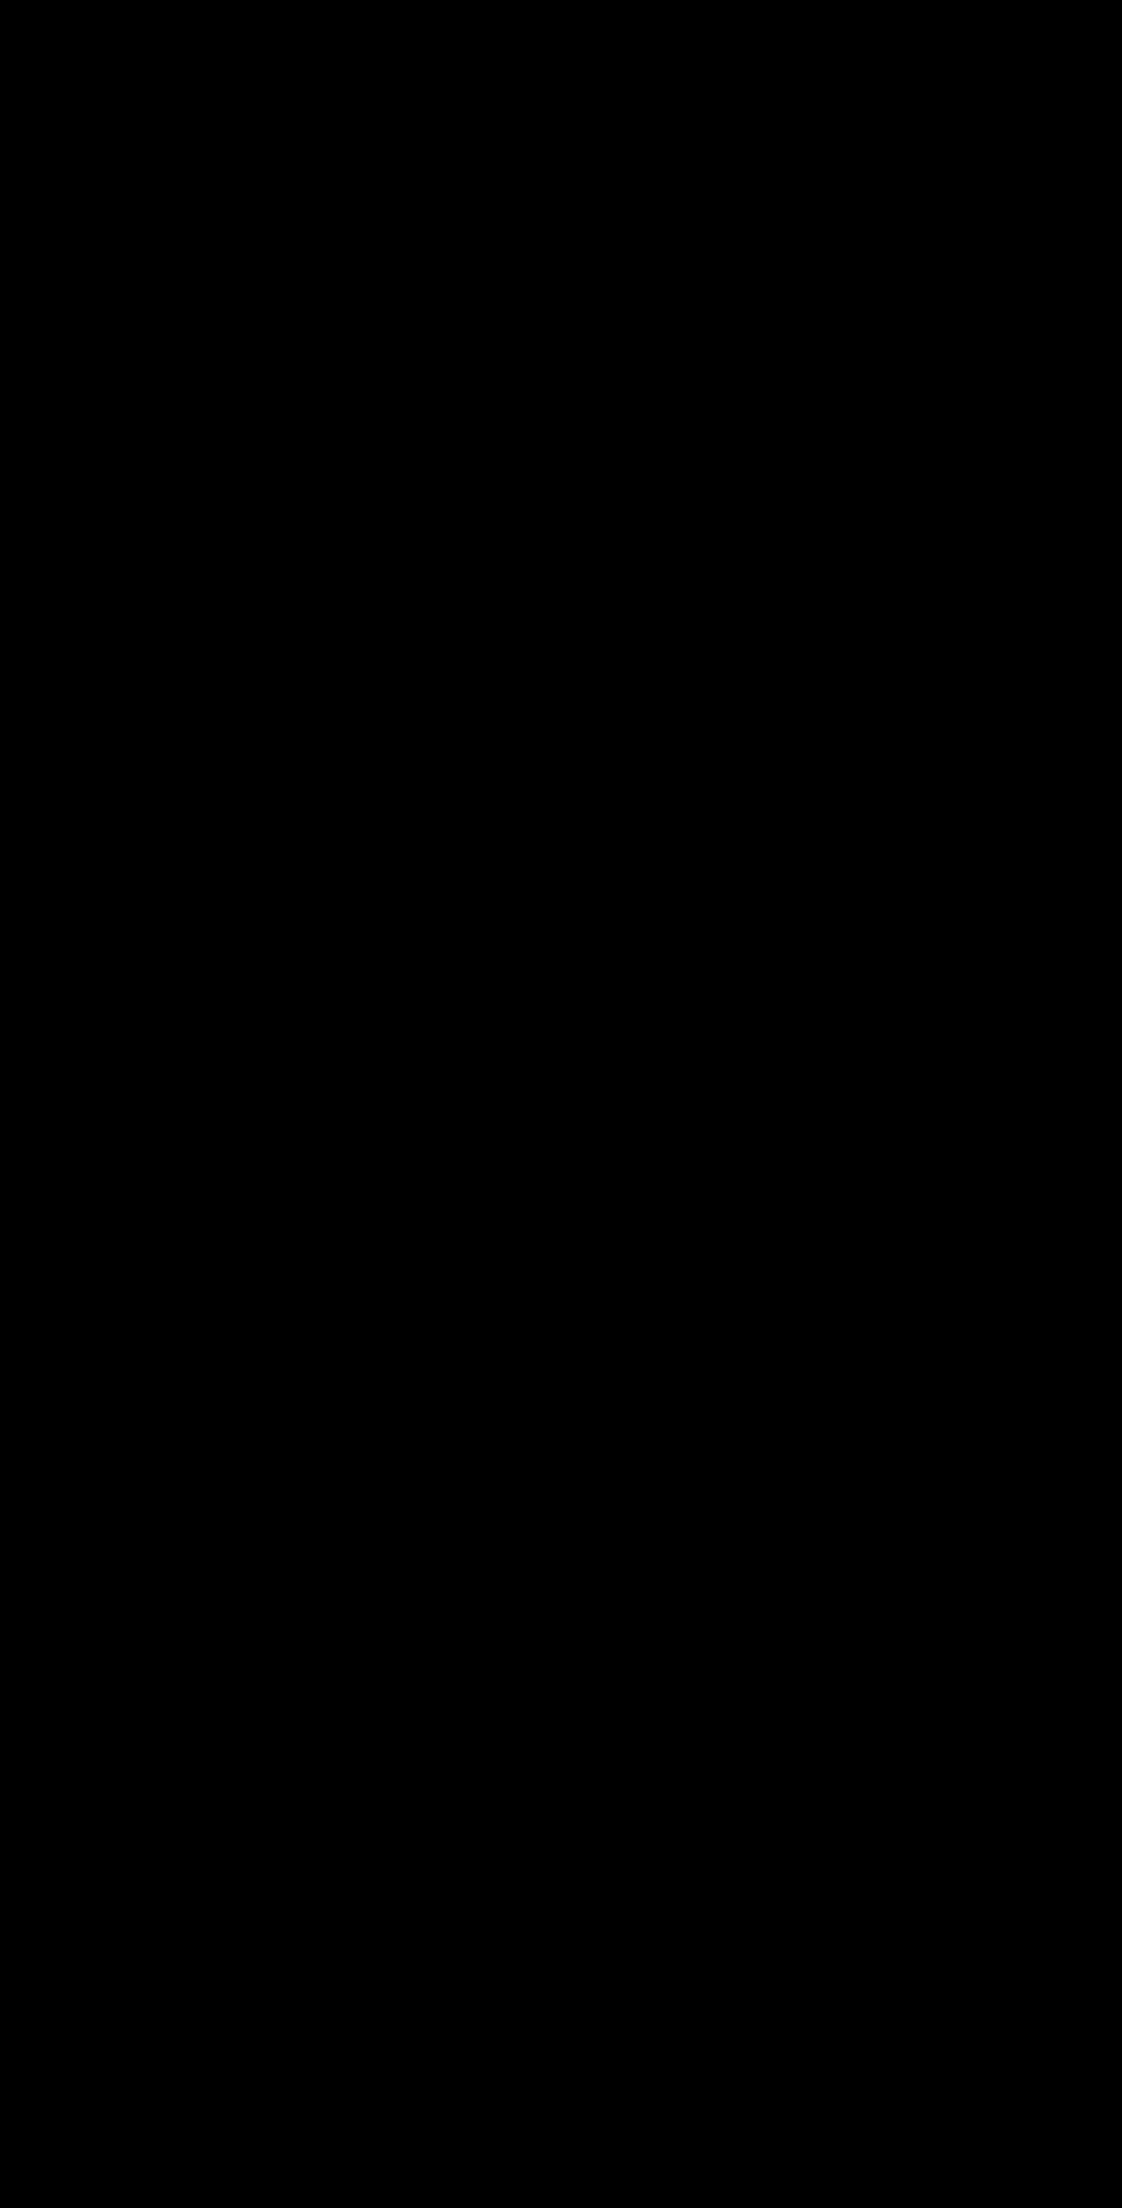 katetreanor